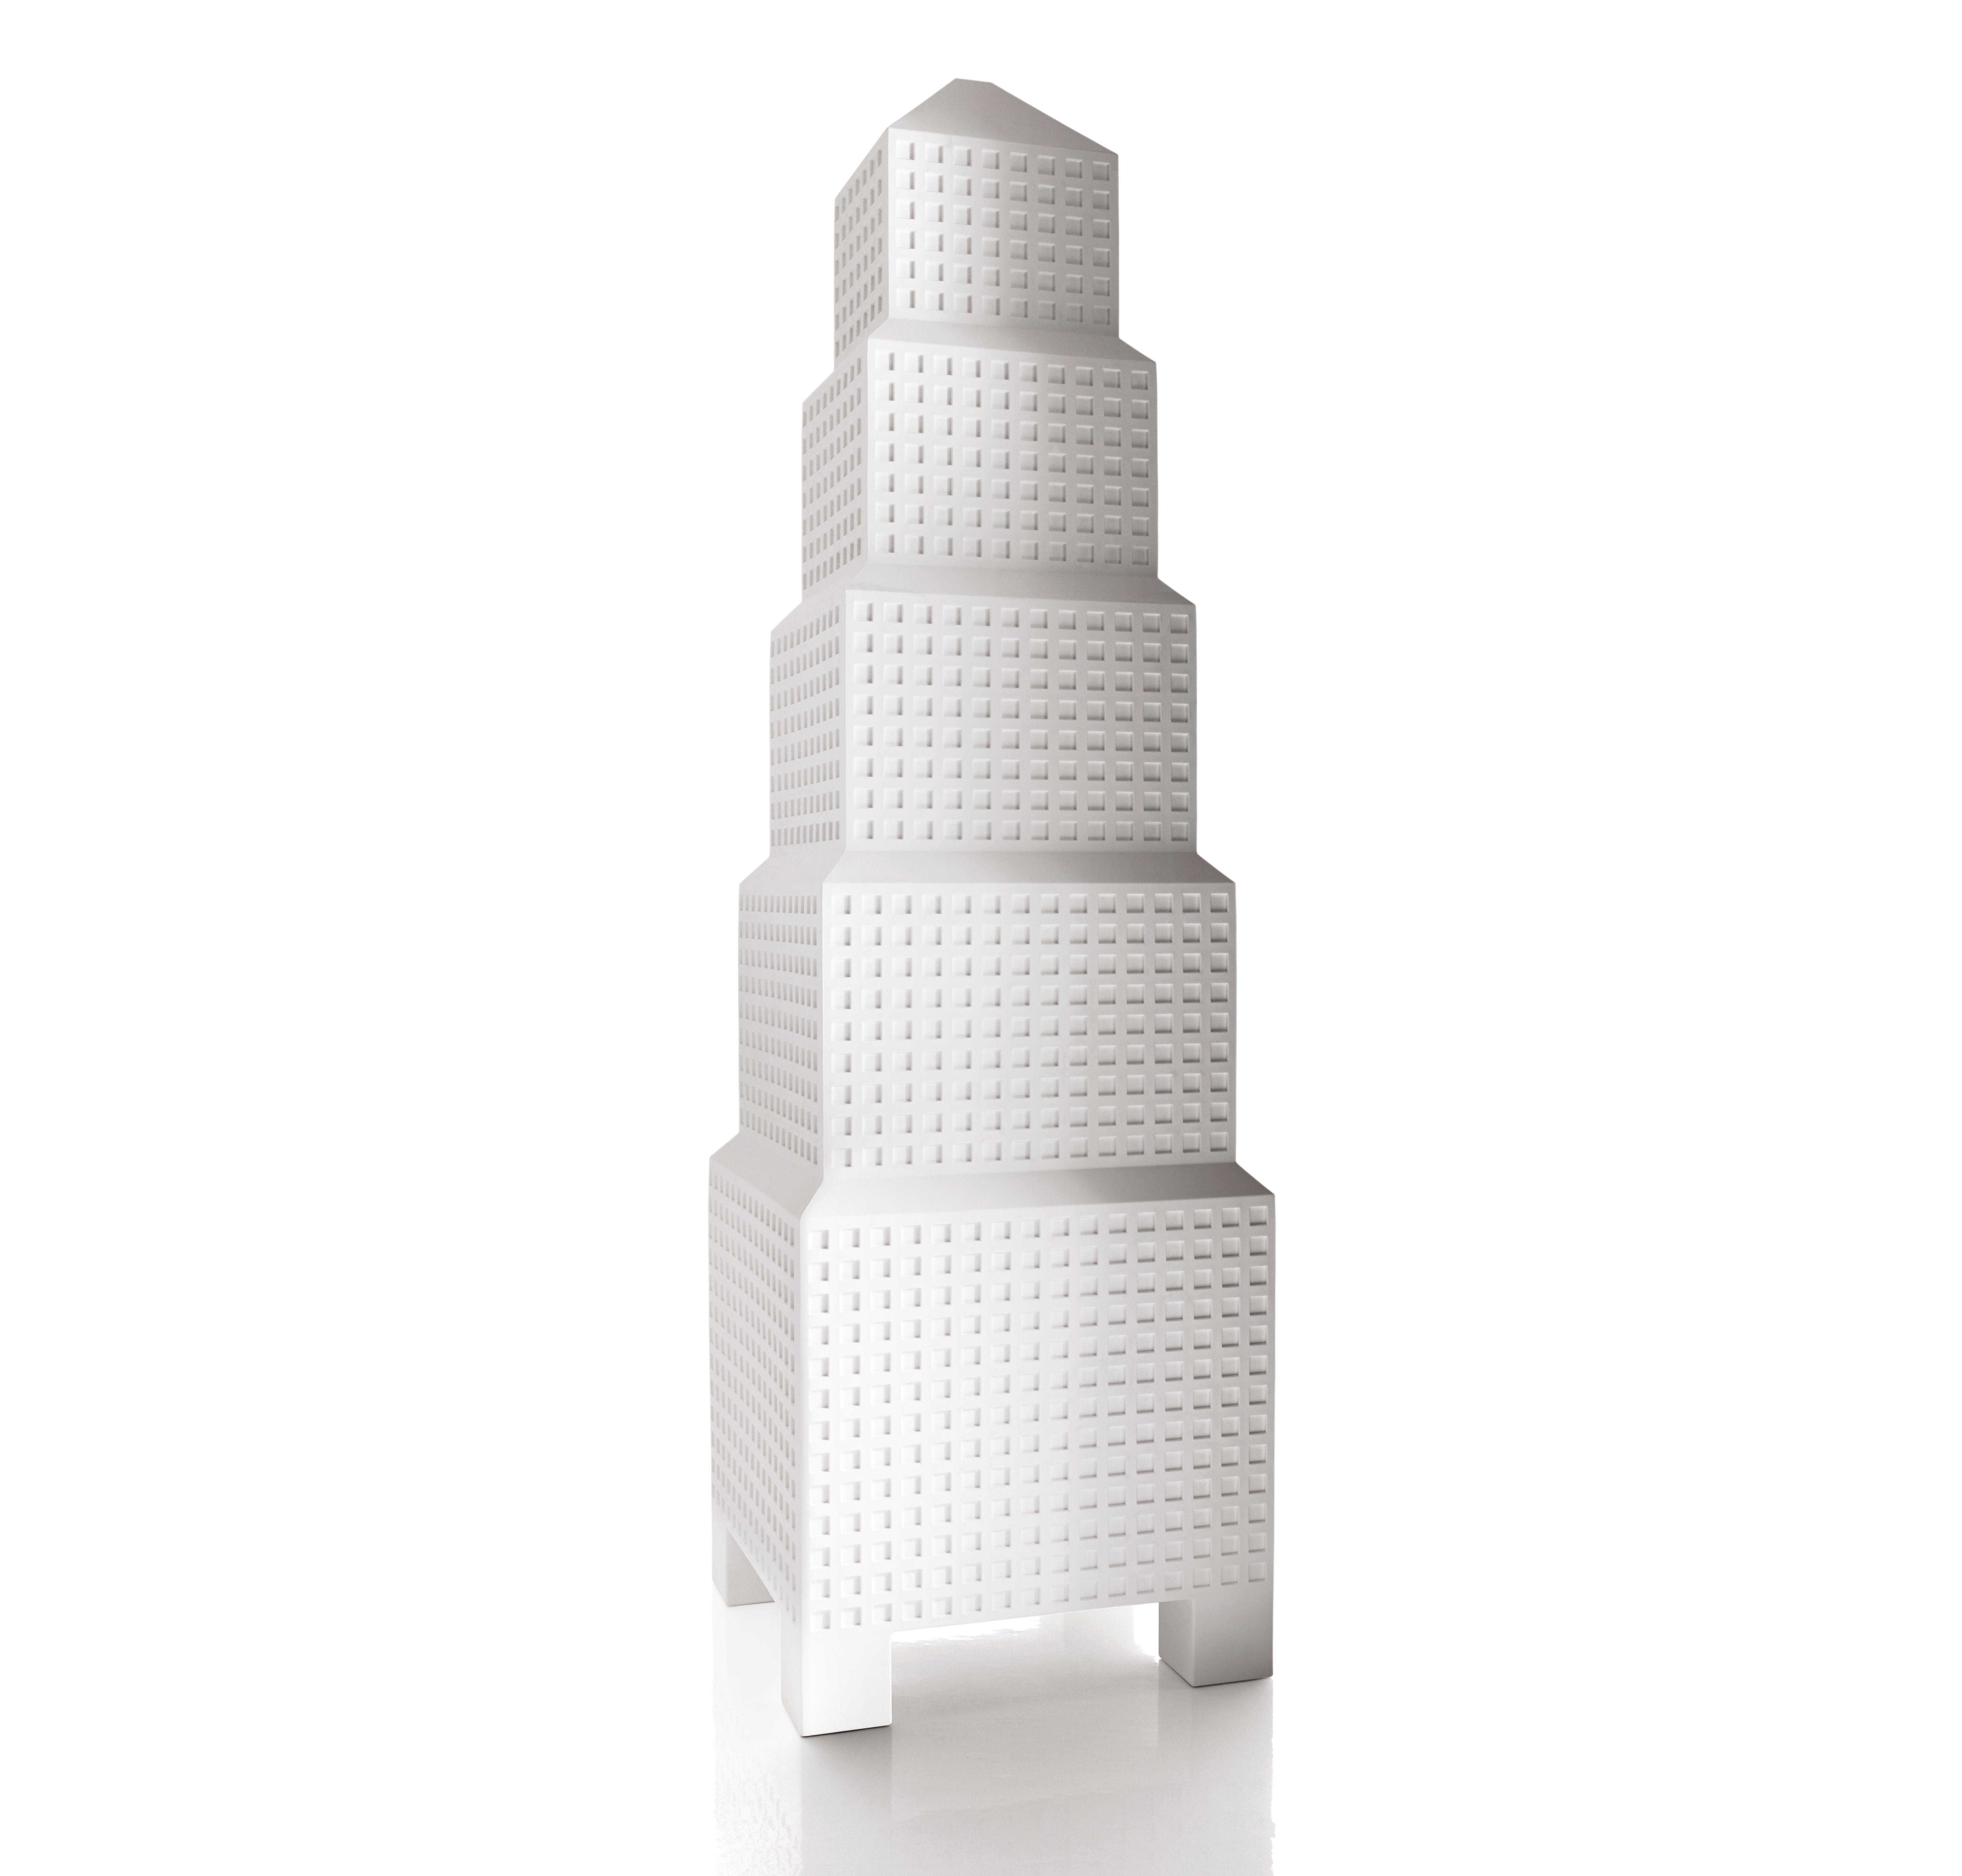 Möbel - Regale und Bücherregale - Downtown Regal H 183 cm - Magis Collection Me Too - Weiß - Polyäthylen